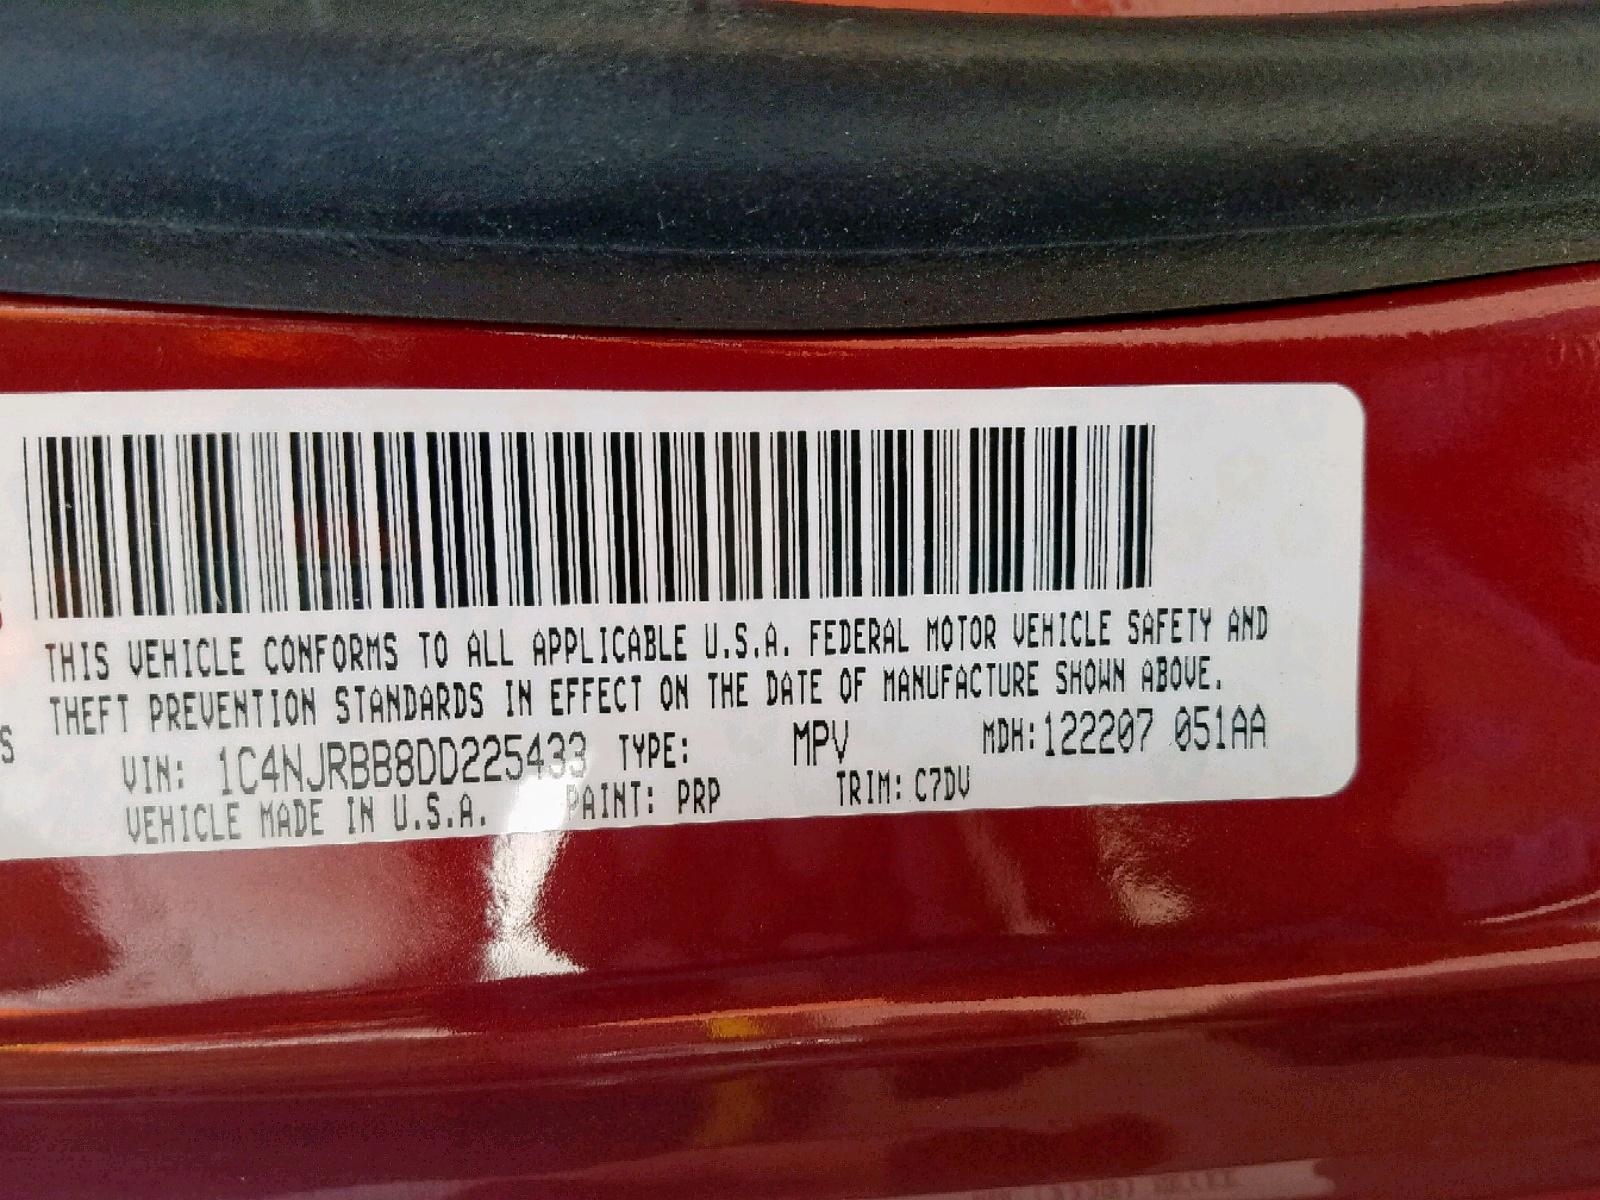 1C4NJRBB8DD225433 - 2013 Jeep Patriot Sp 2.4L